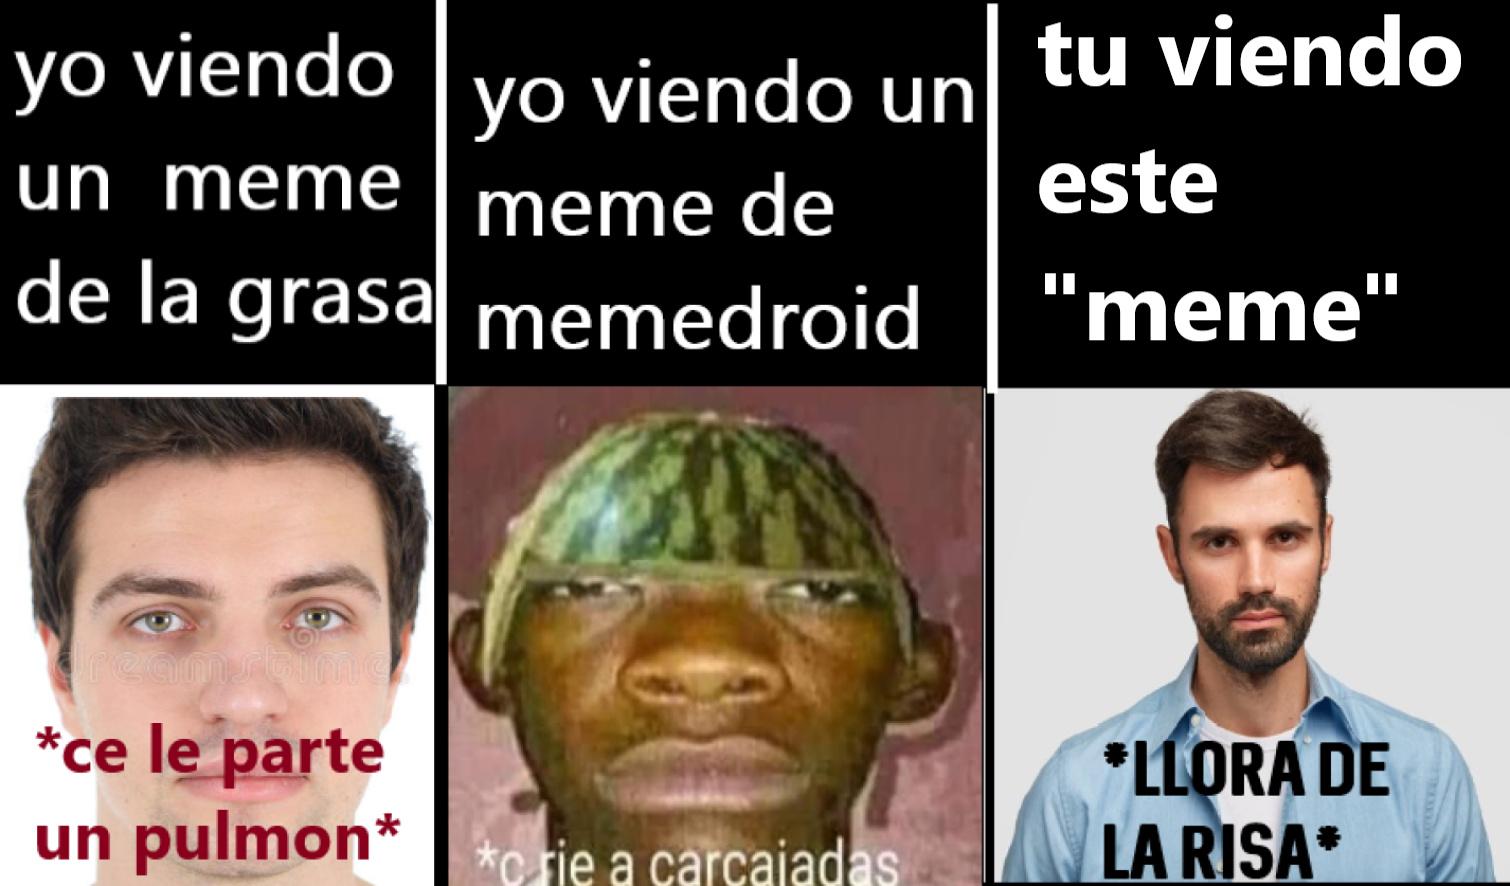 moment meme de xd